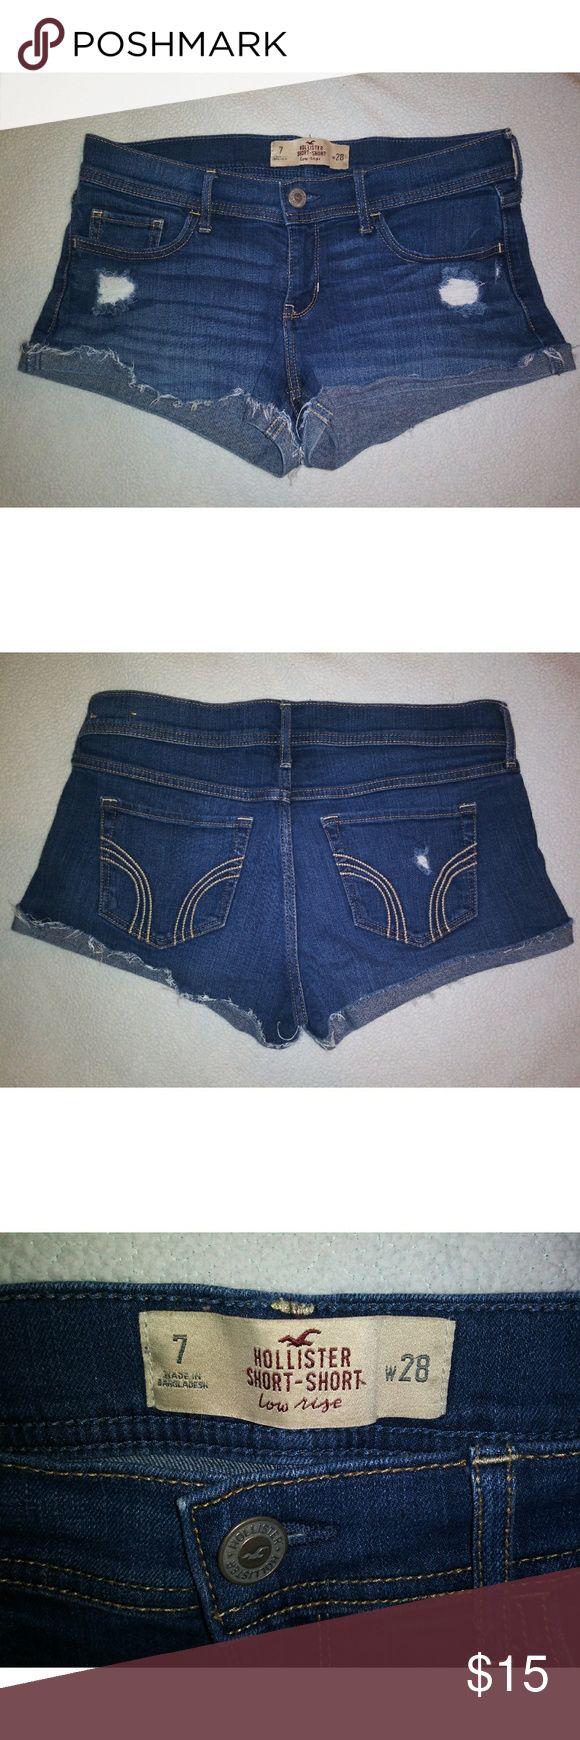 Hollister Shorts Schonend verwendete Shorts Größe: 7 Taille: 28 Hervorragender Zustand Hollister …   – My Posh Picks